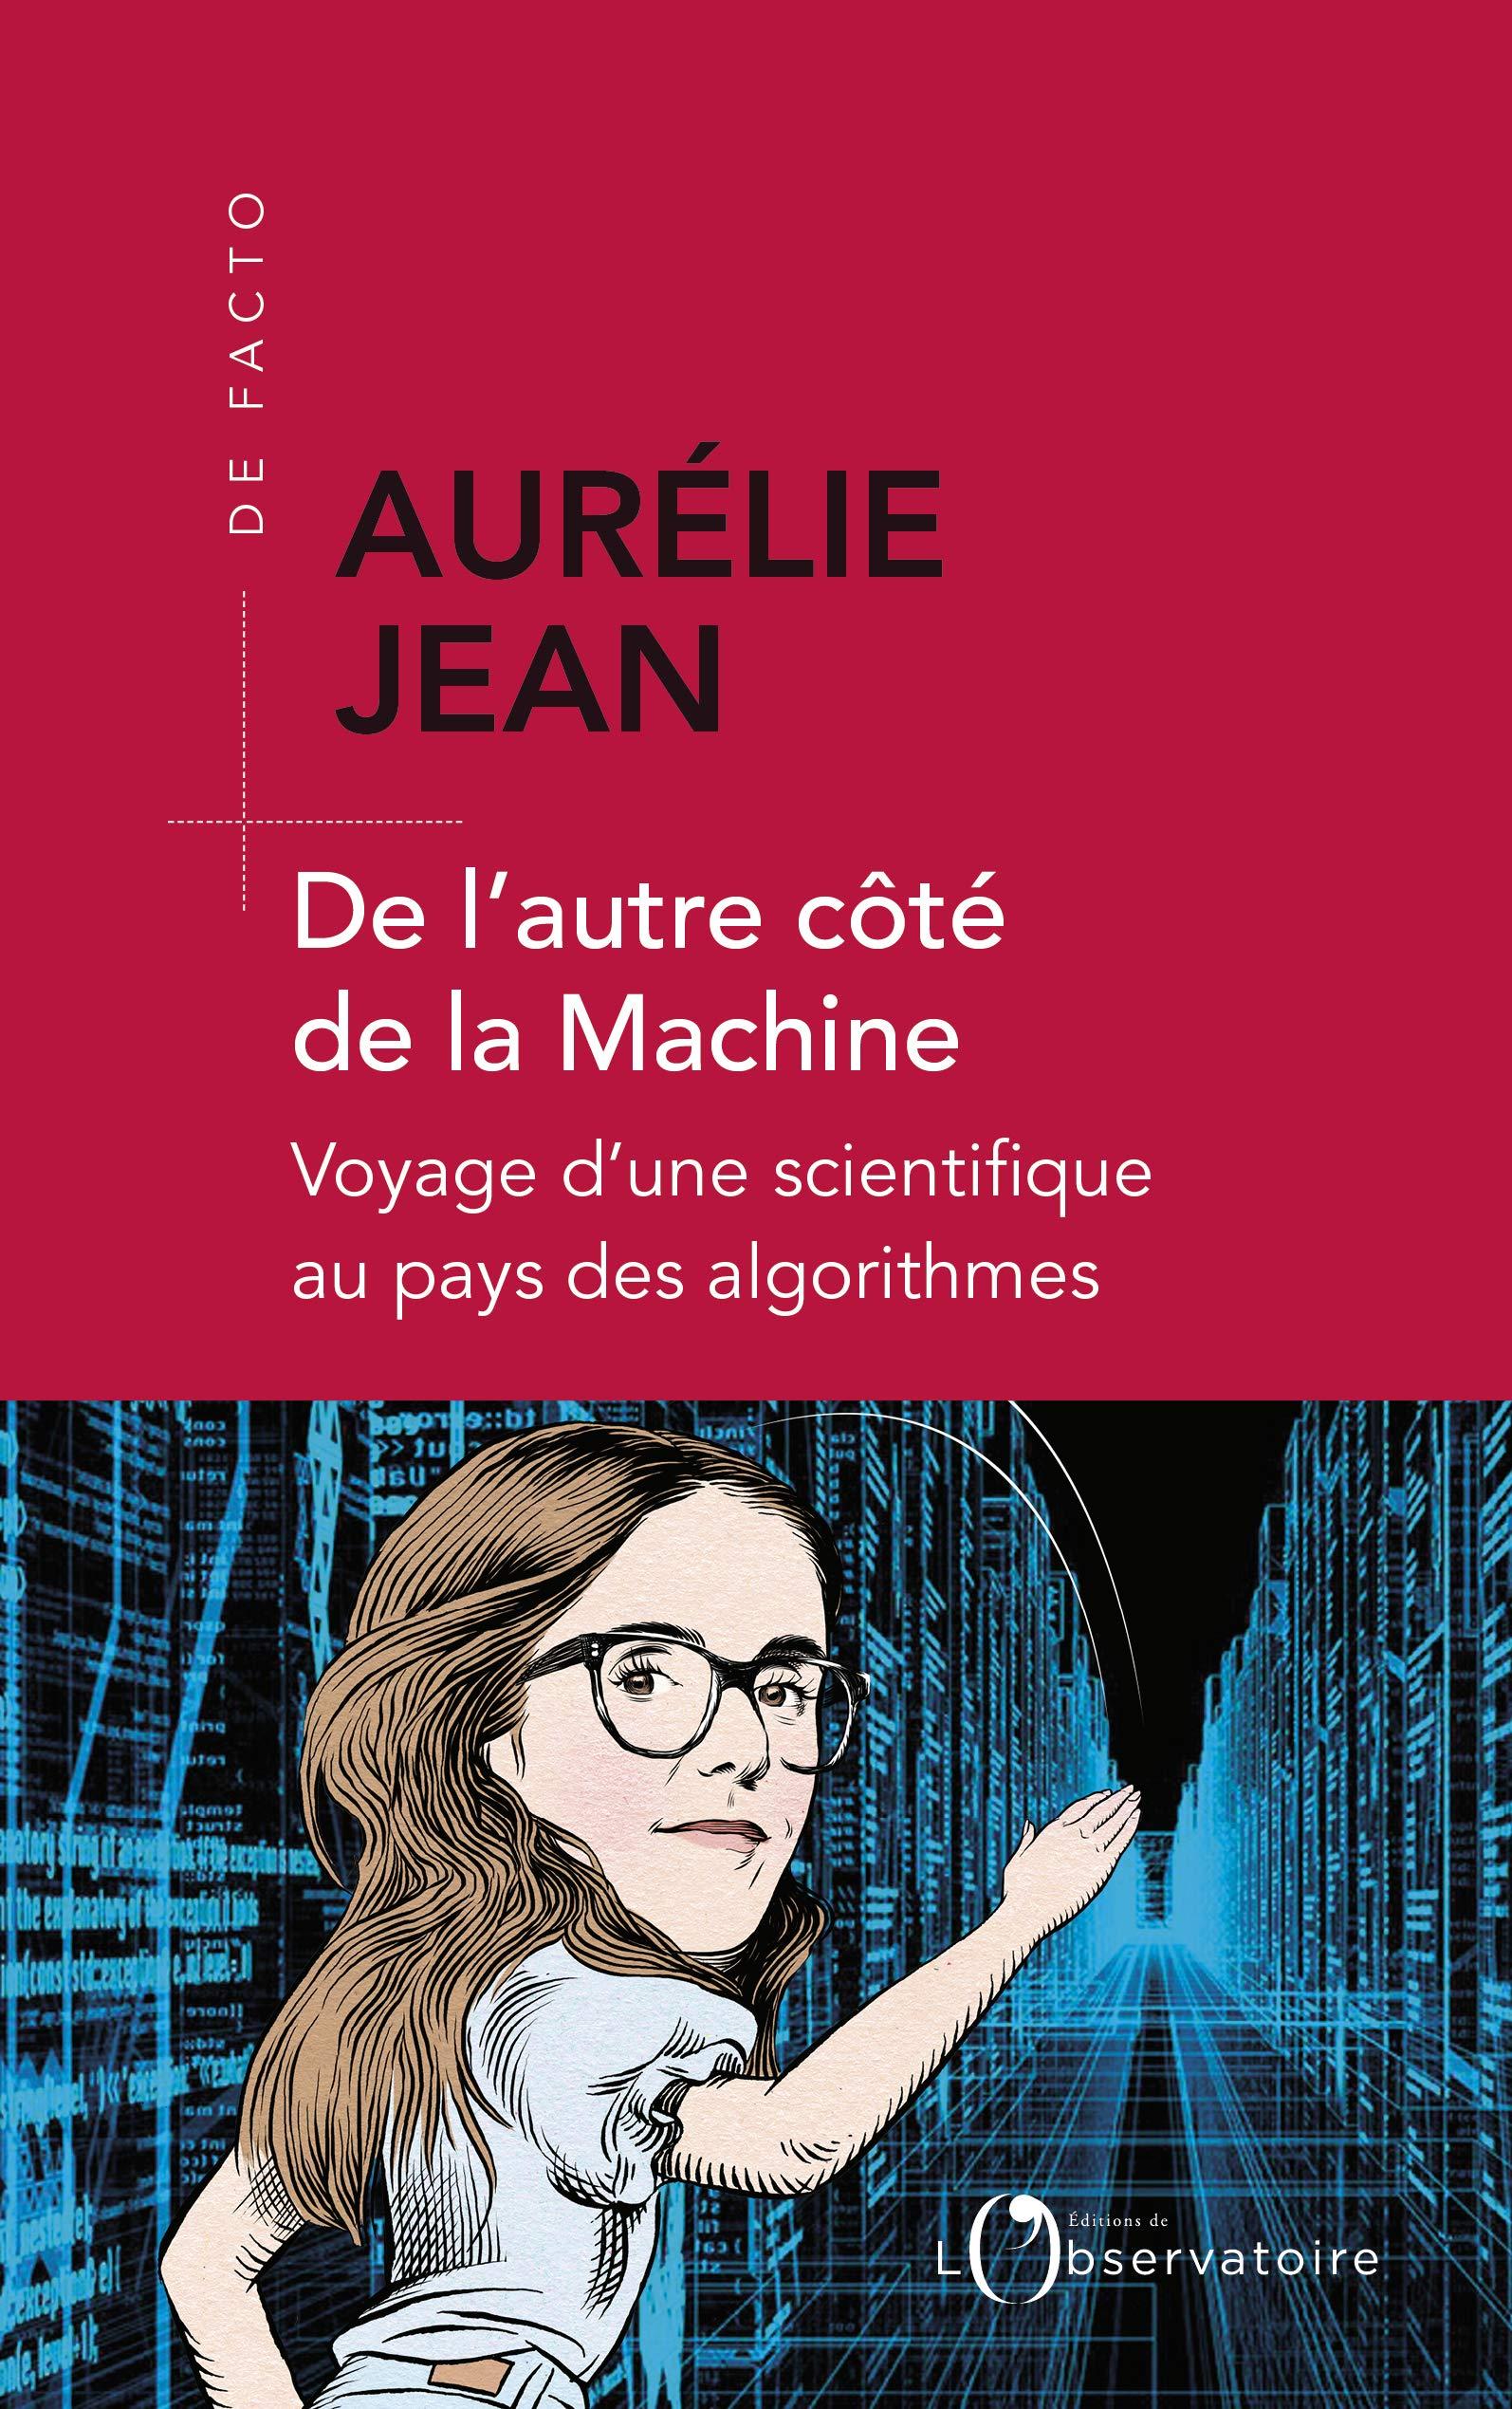 De l'autre côté de la machine, Aurélie Jean